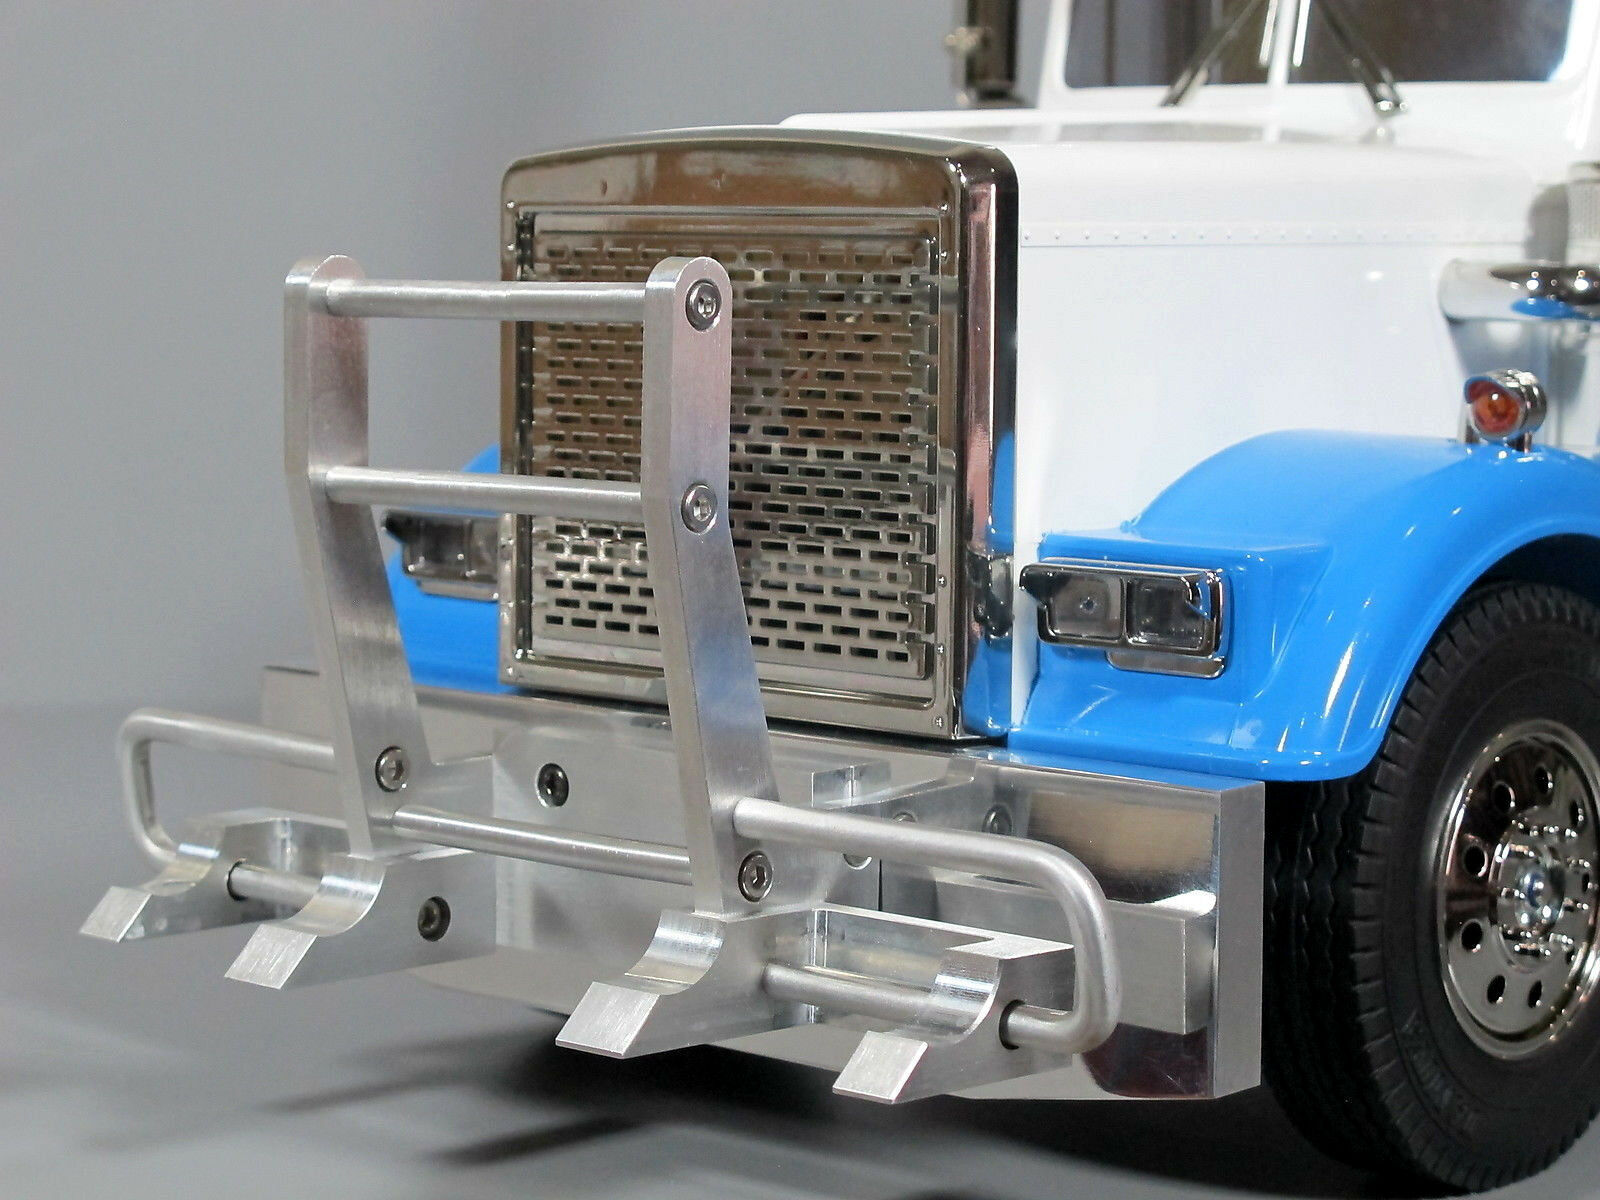 Projoector de gancho de aluminio delantero + Parachoques Tamiya R C 1 14 Grand Hauler King Globeliner